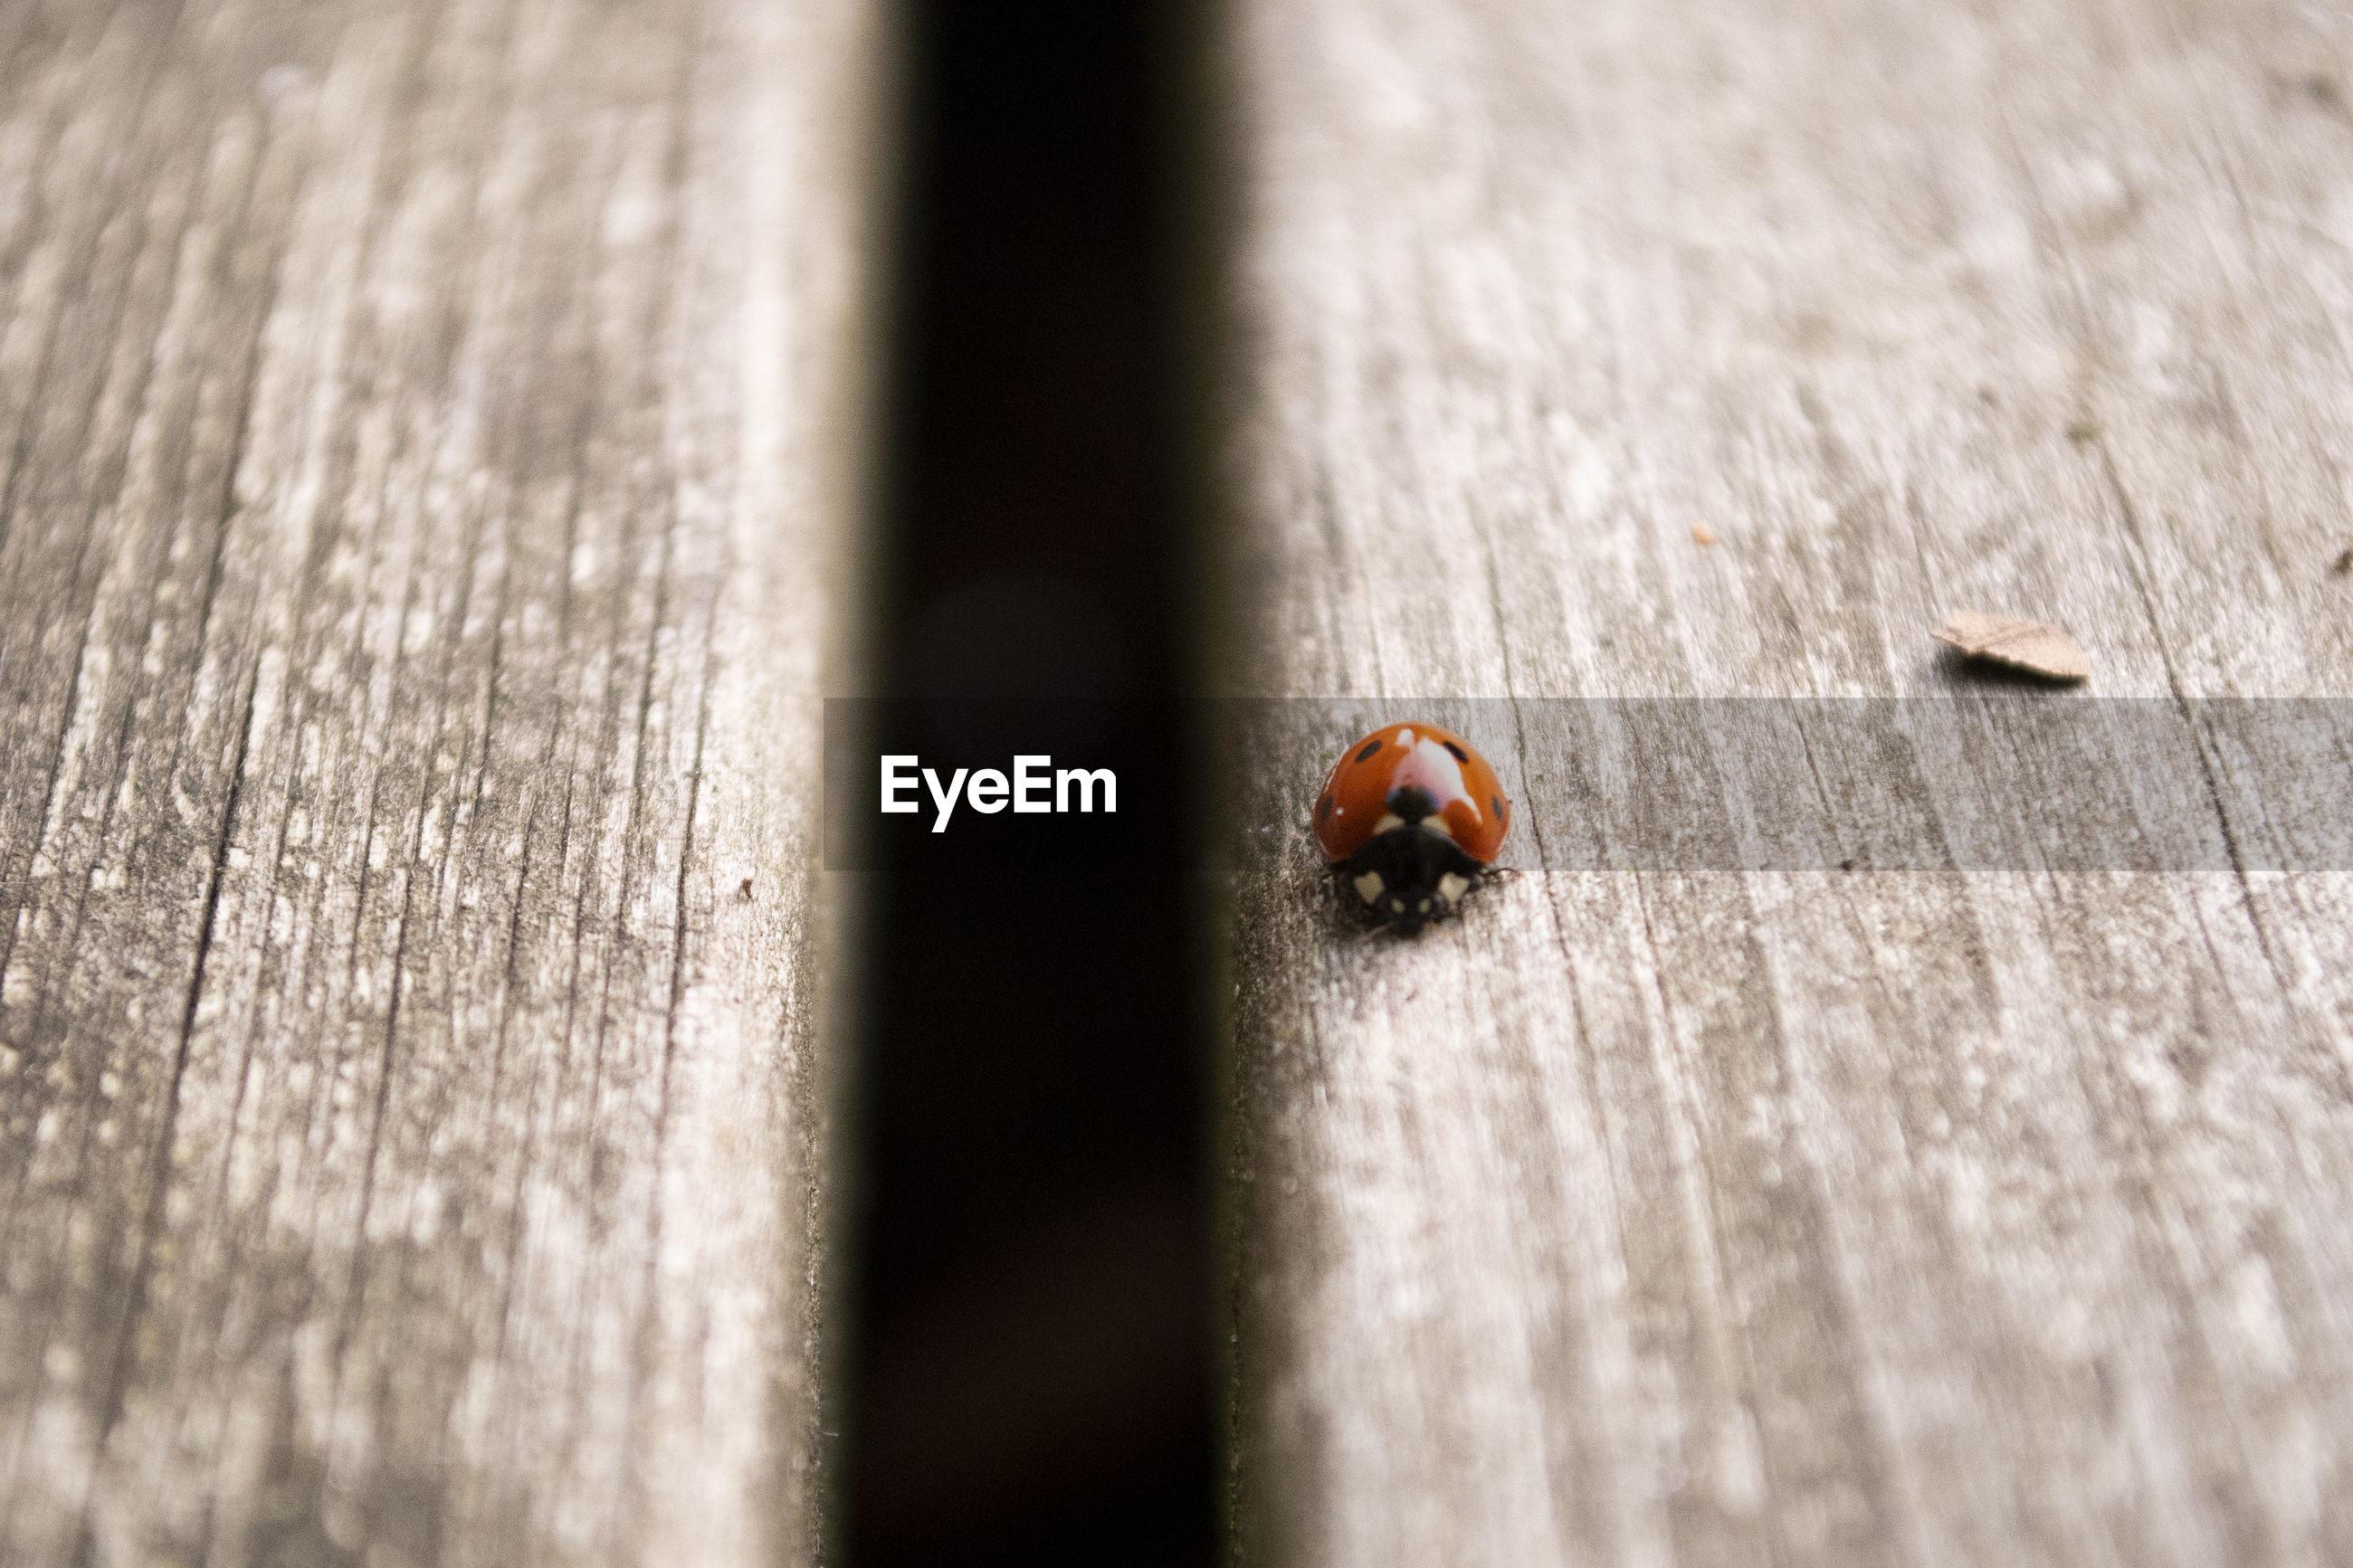 High angle view of ladybug on wood